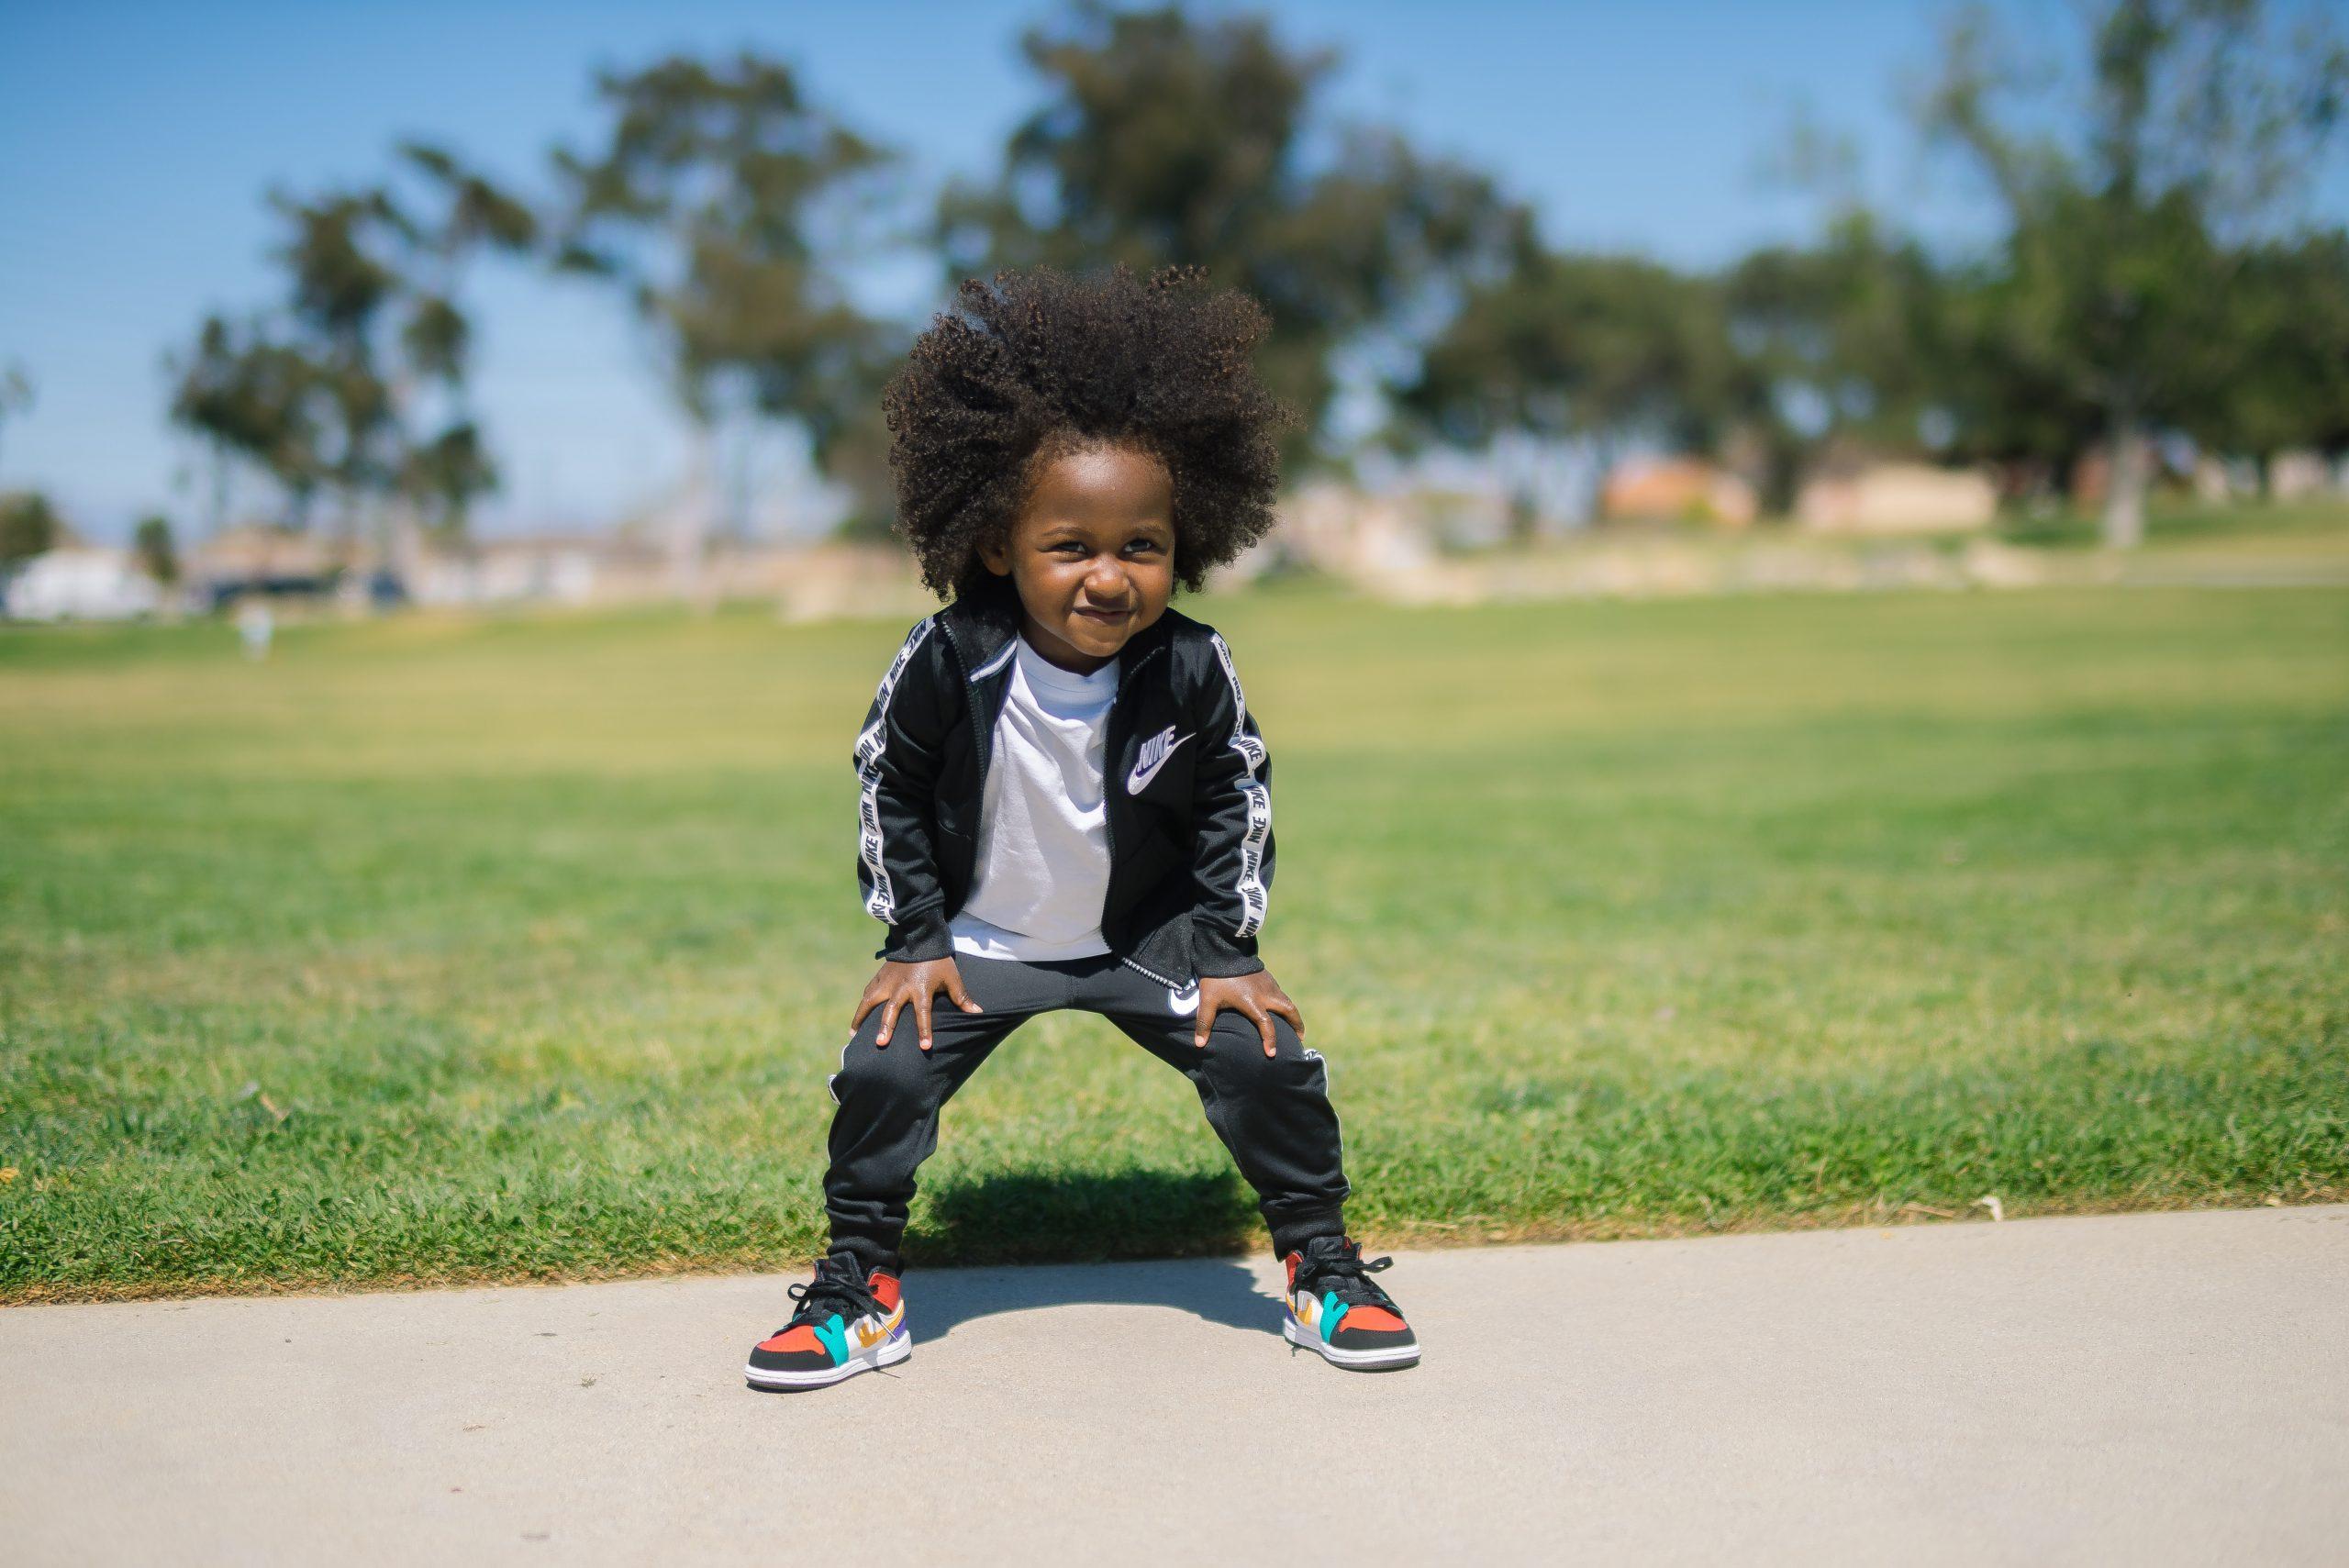 criança posando para foto com tênis de rodinha